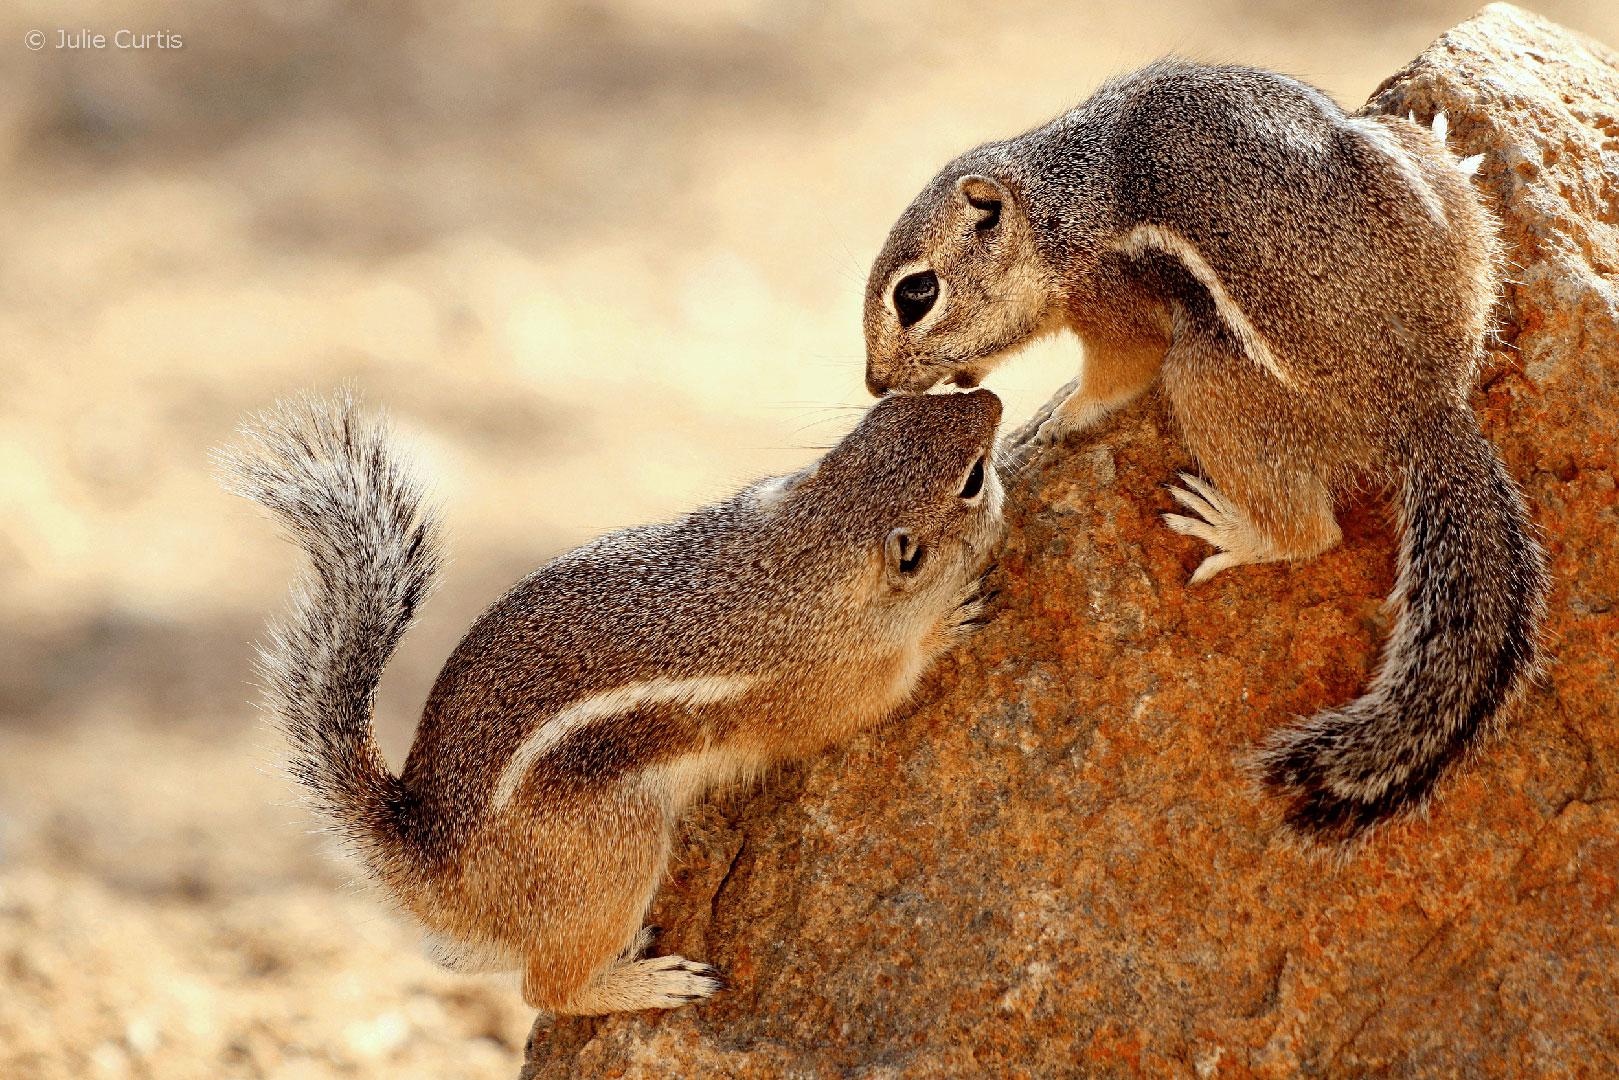 Enter the 2020 Arizona Wildlife Views Photo Contest